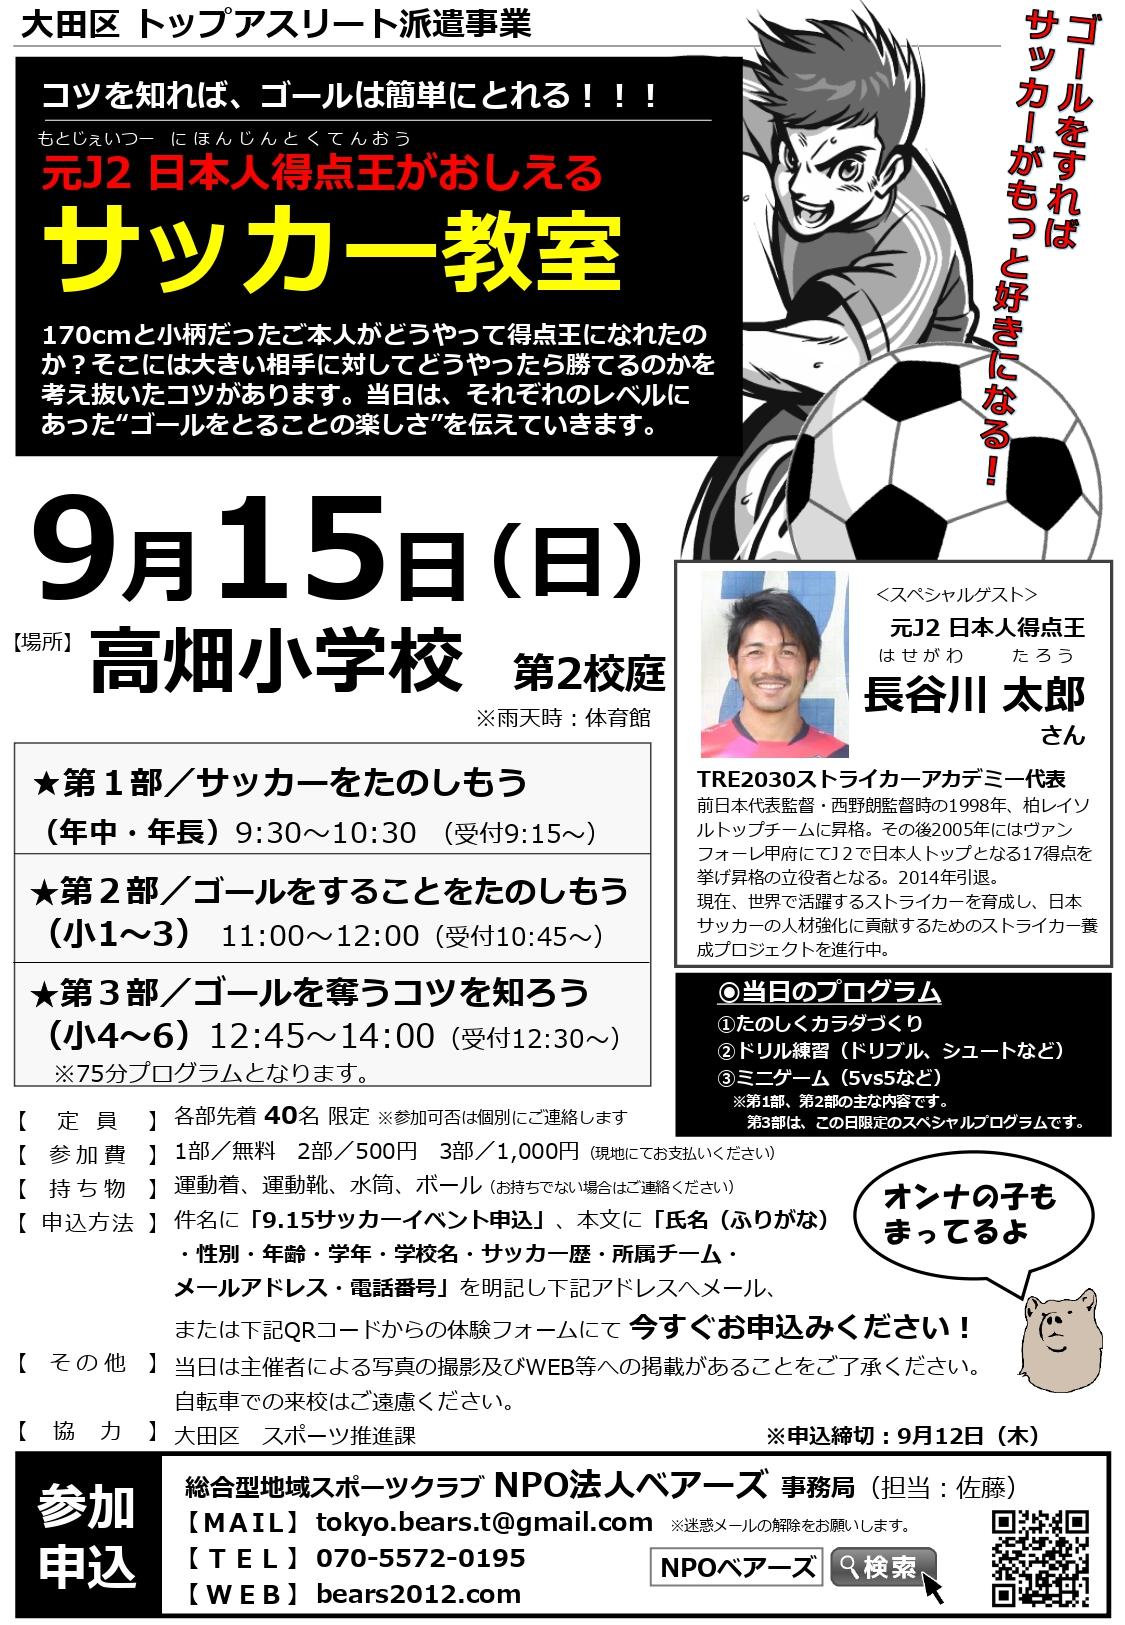 【ベアーズ】太郎さんイベントチラシ_190915_web_page-0001